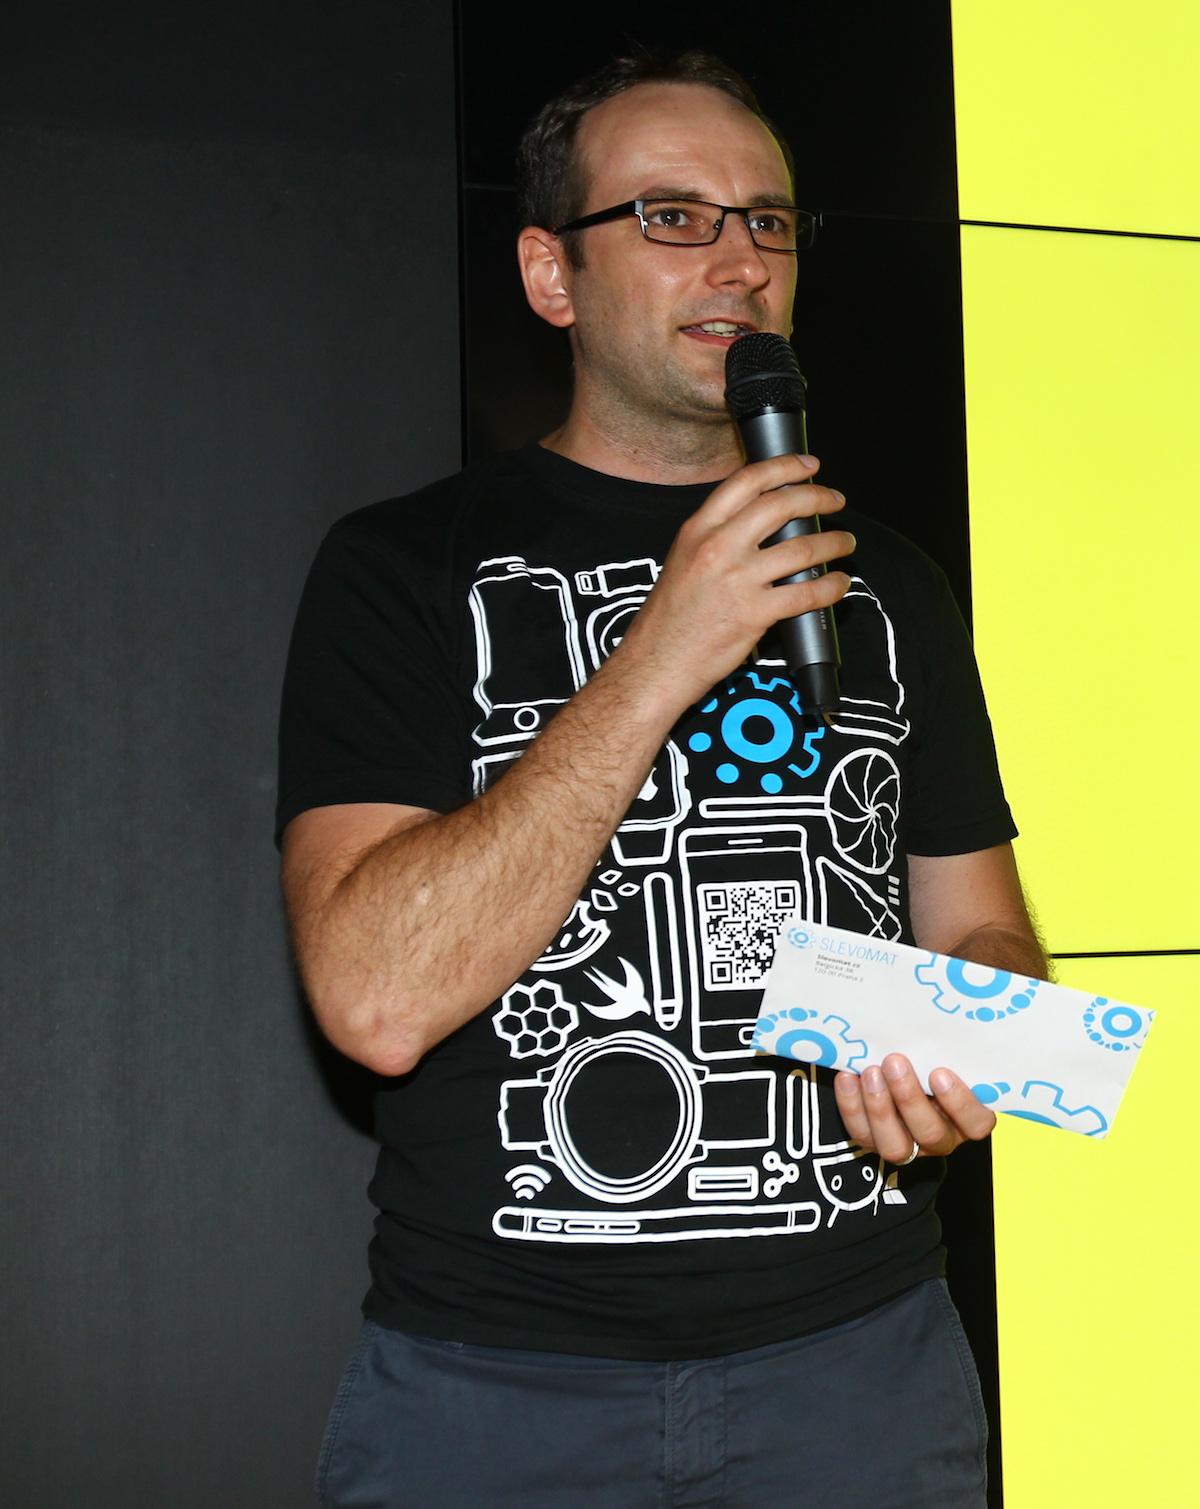 Michal Bilka ze Slevomatu přišel obdarovat vybraného hlasujícího